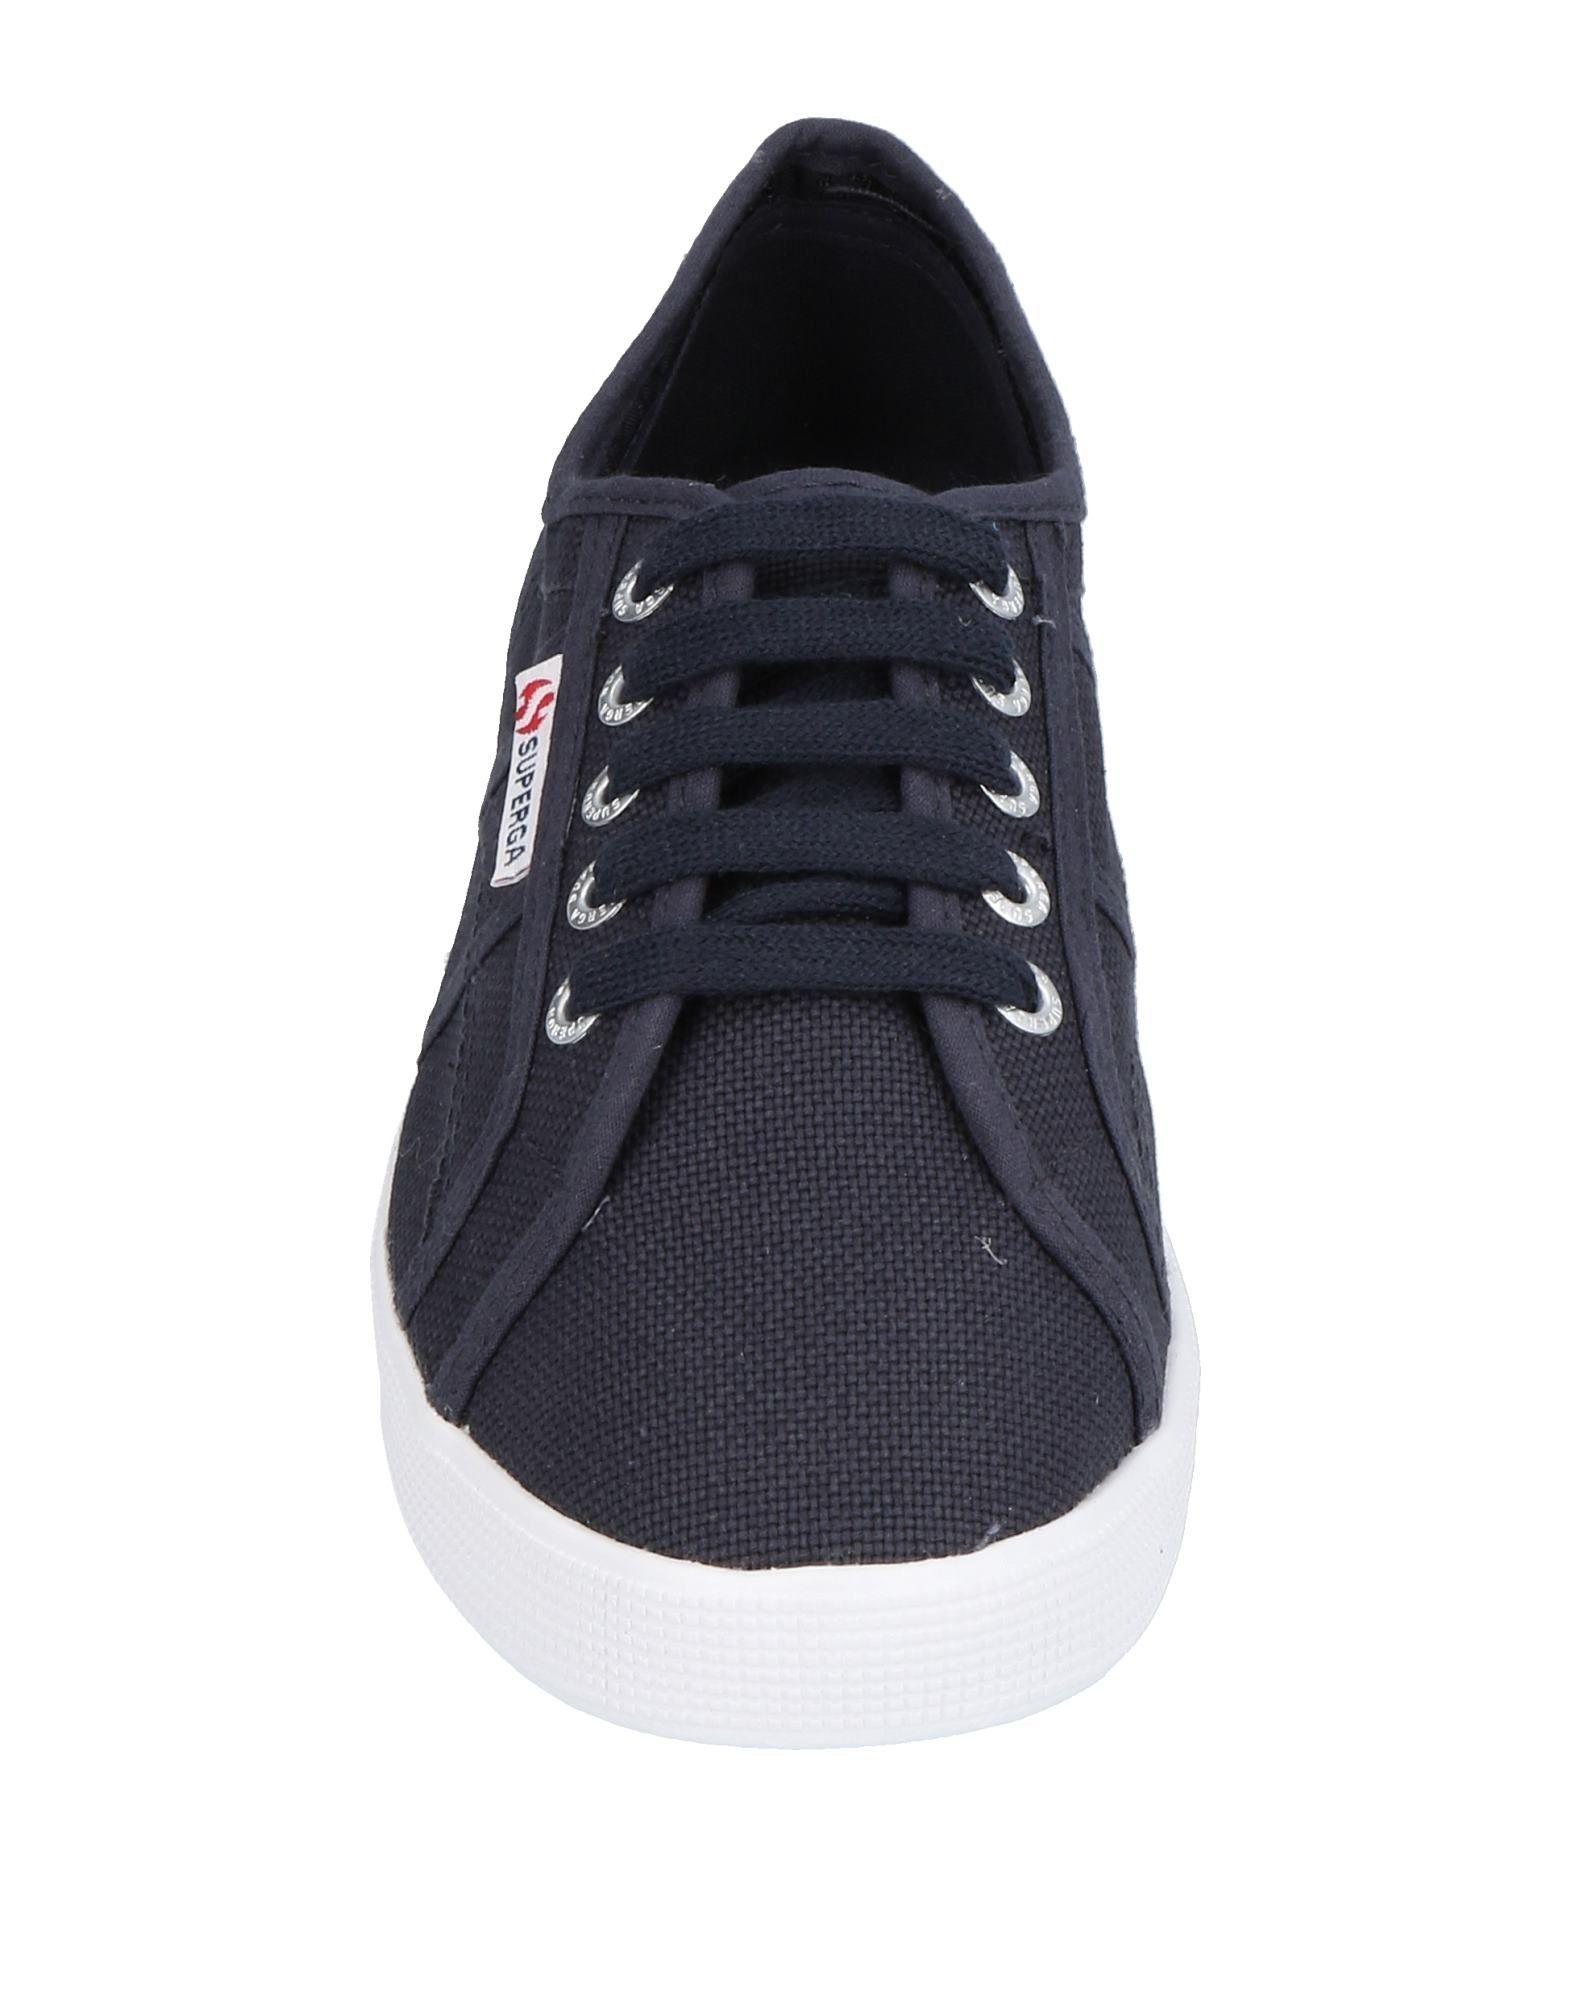 Superga® Sneakers Damen  Schuhe 11462703BA Gute Qualität beliebte Schuhe  105337